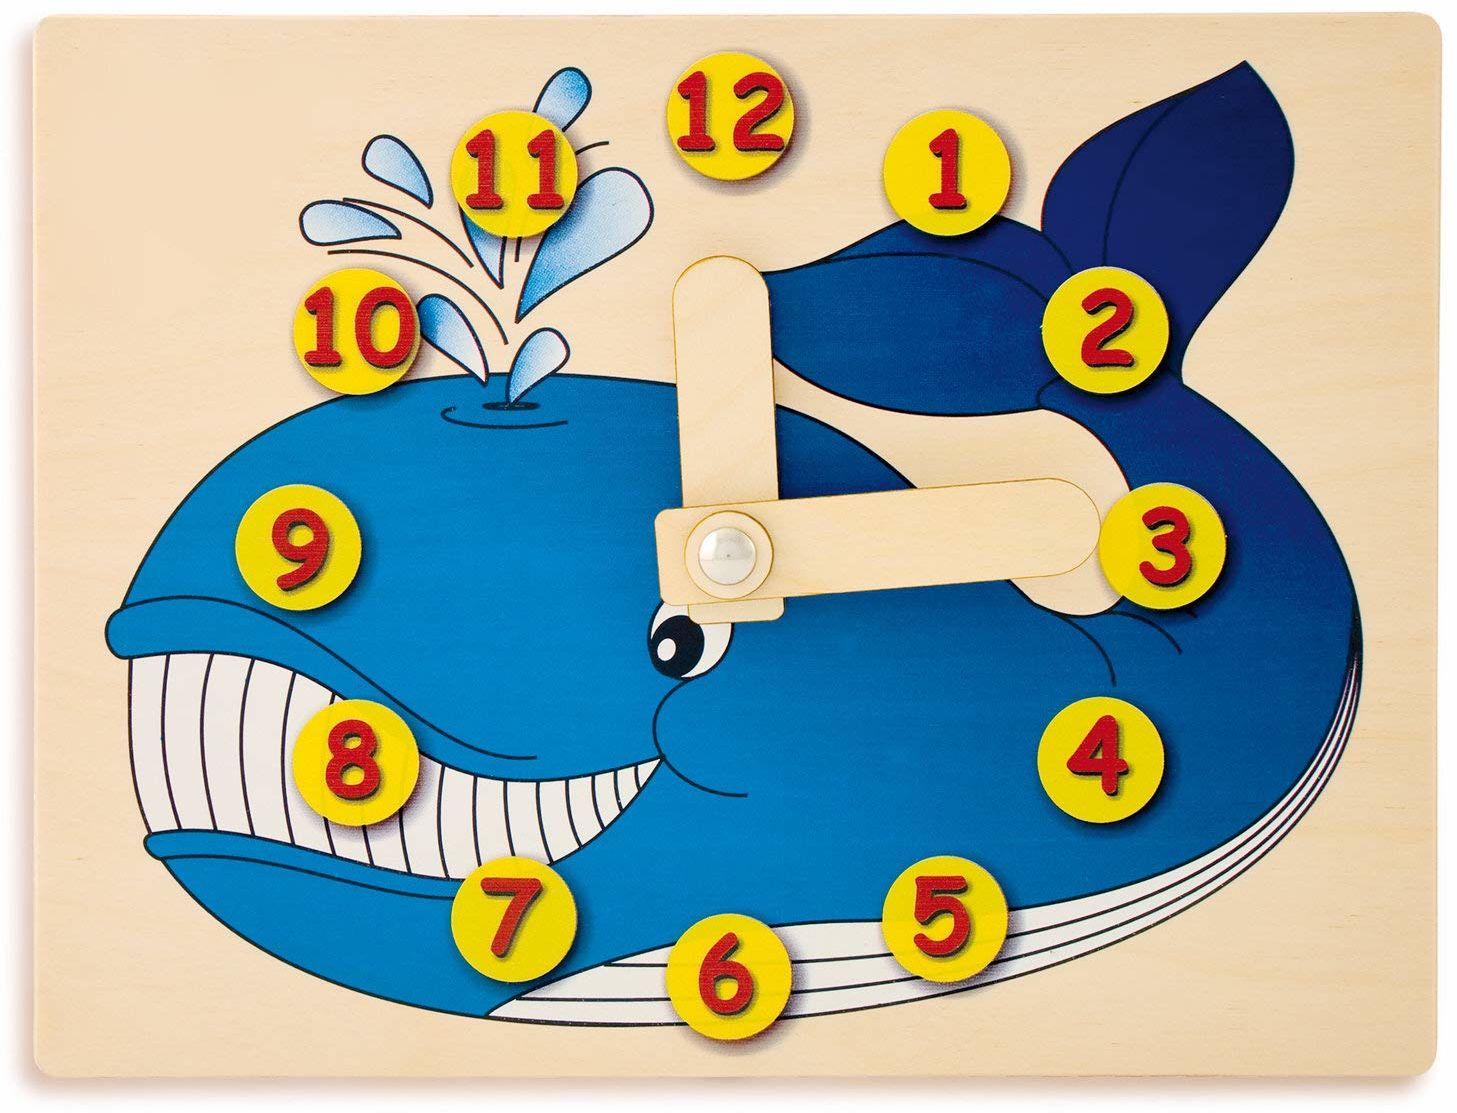 Dida - Zegarek do nauki dla dzieci - wieloryb - bawiący się zegarek, zegar do nauki dzieci z drewna do przedszkola, szkoły i domu